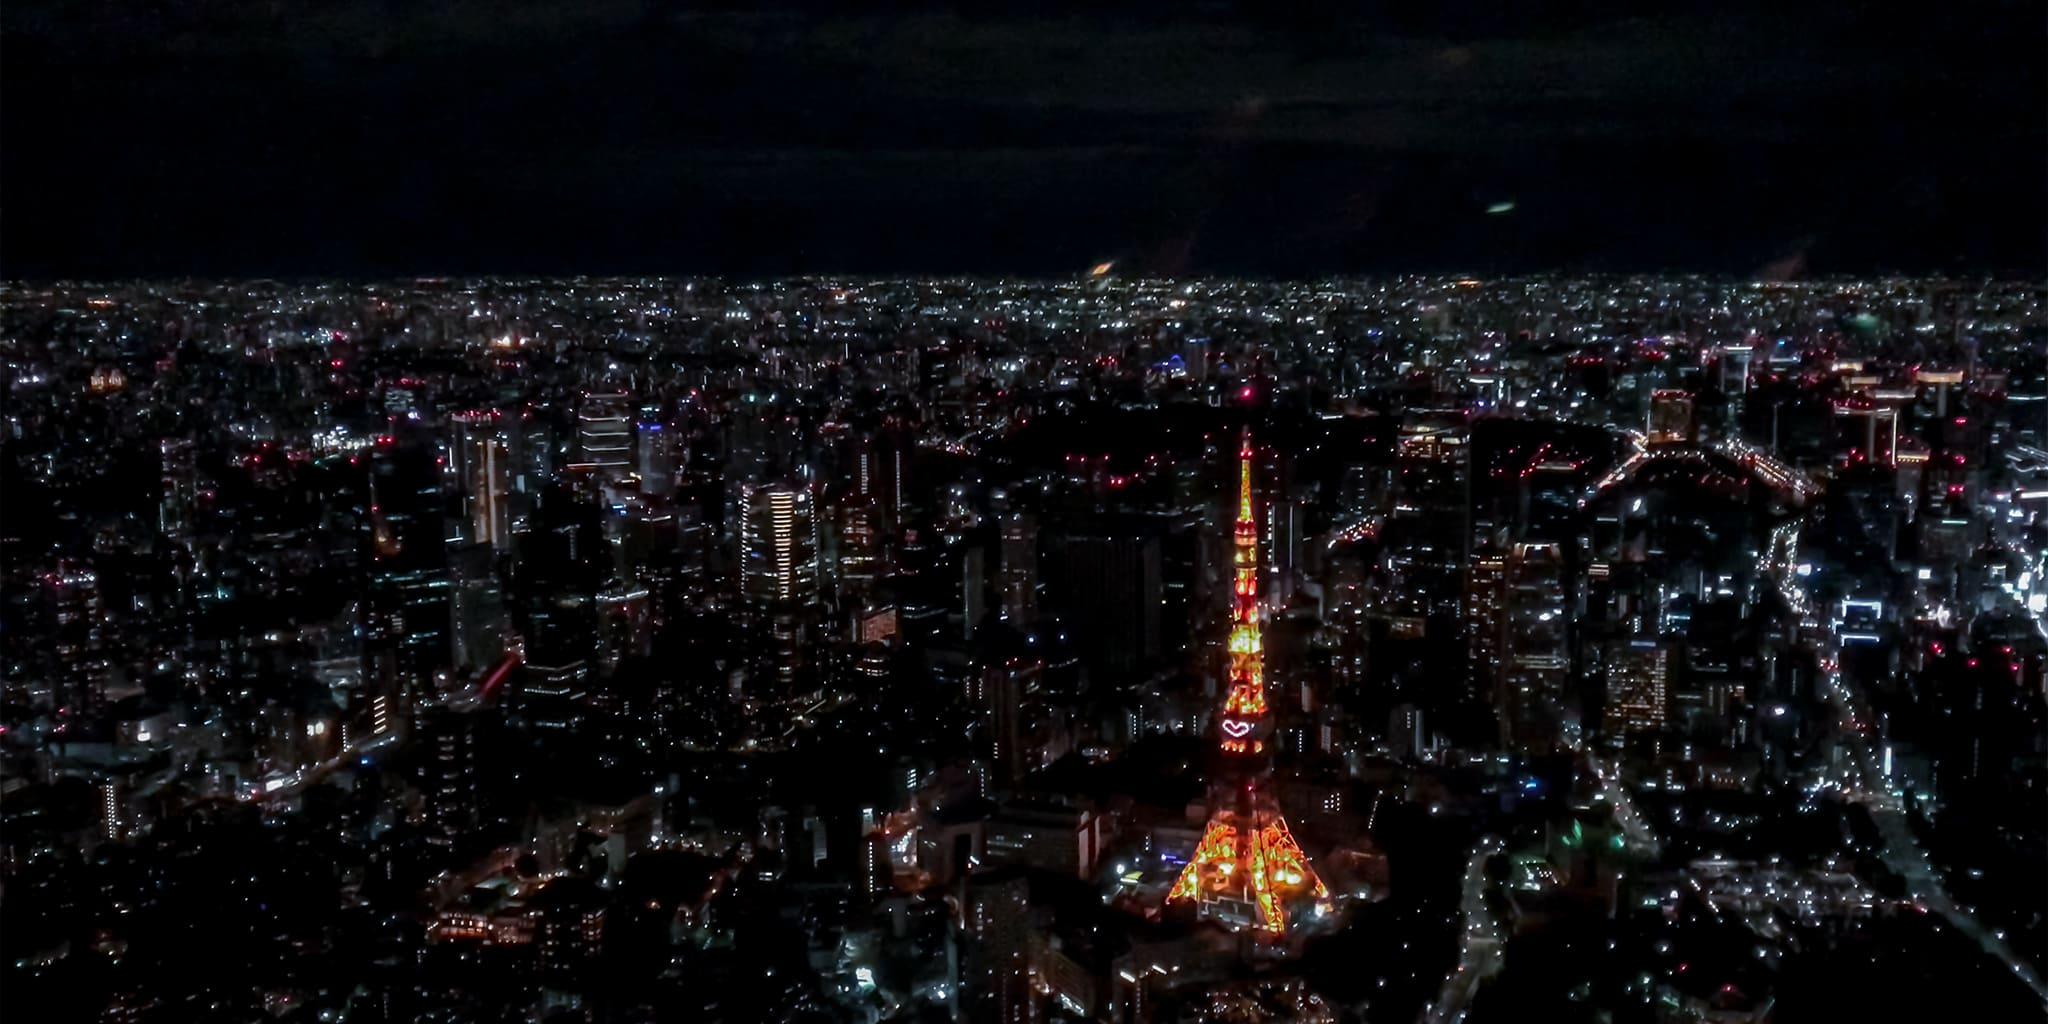 ヘリコプターで東京上空をフライトして見える東京タワー